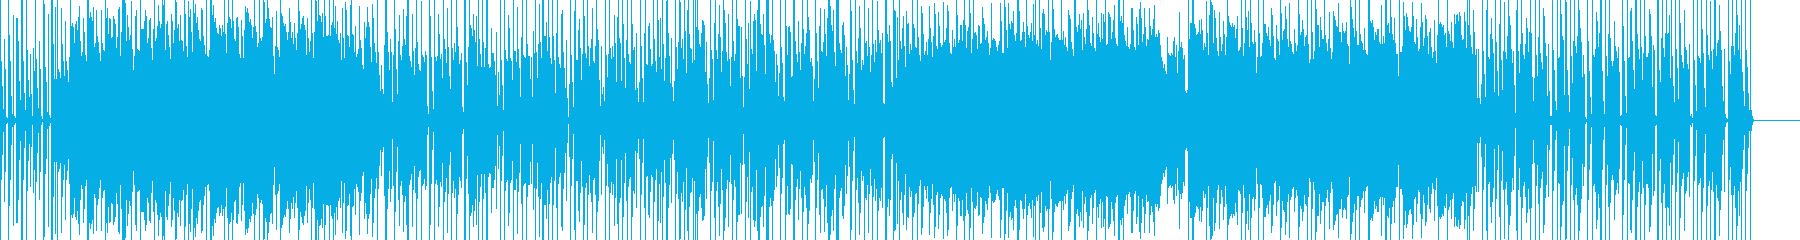 現代的なJpopの再生済みの波形